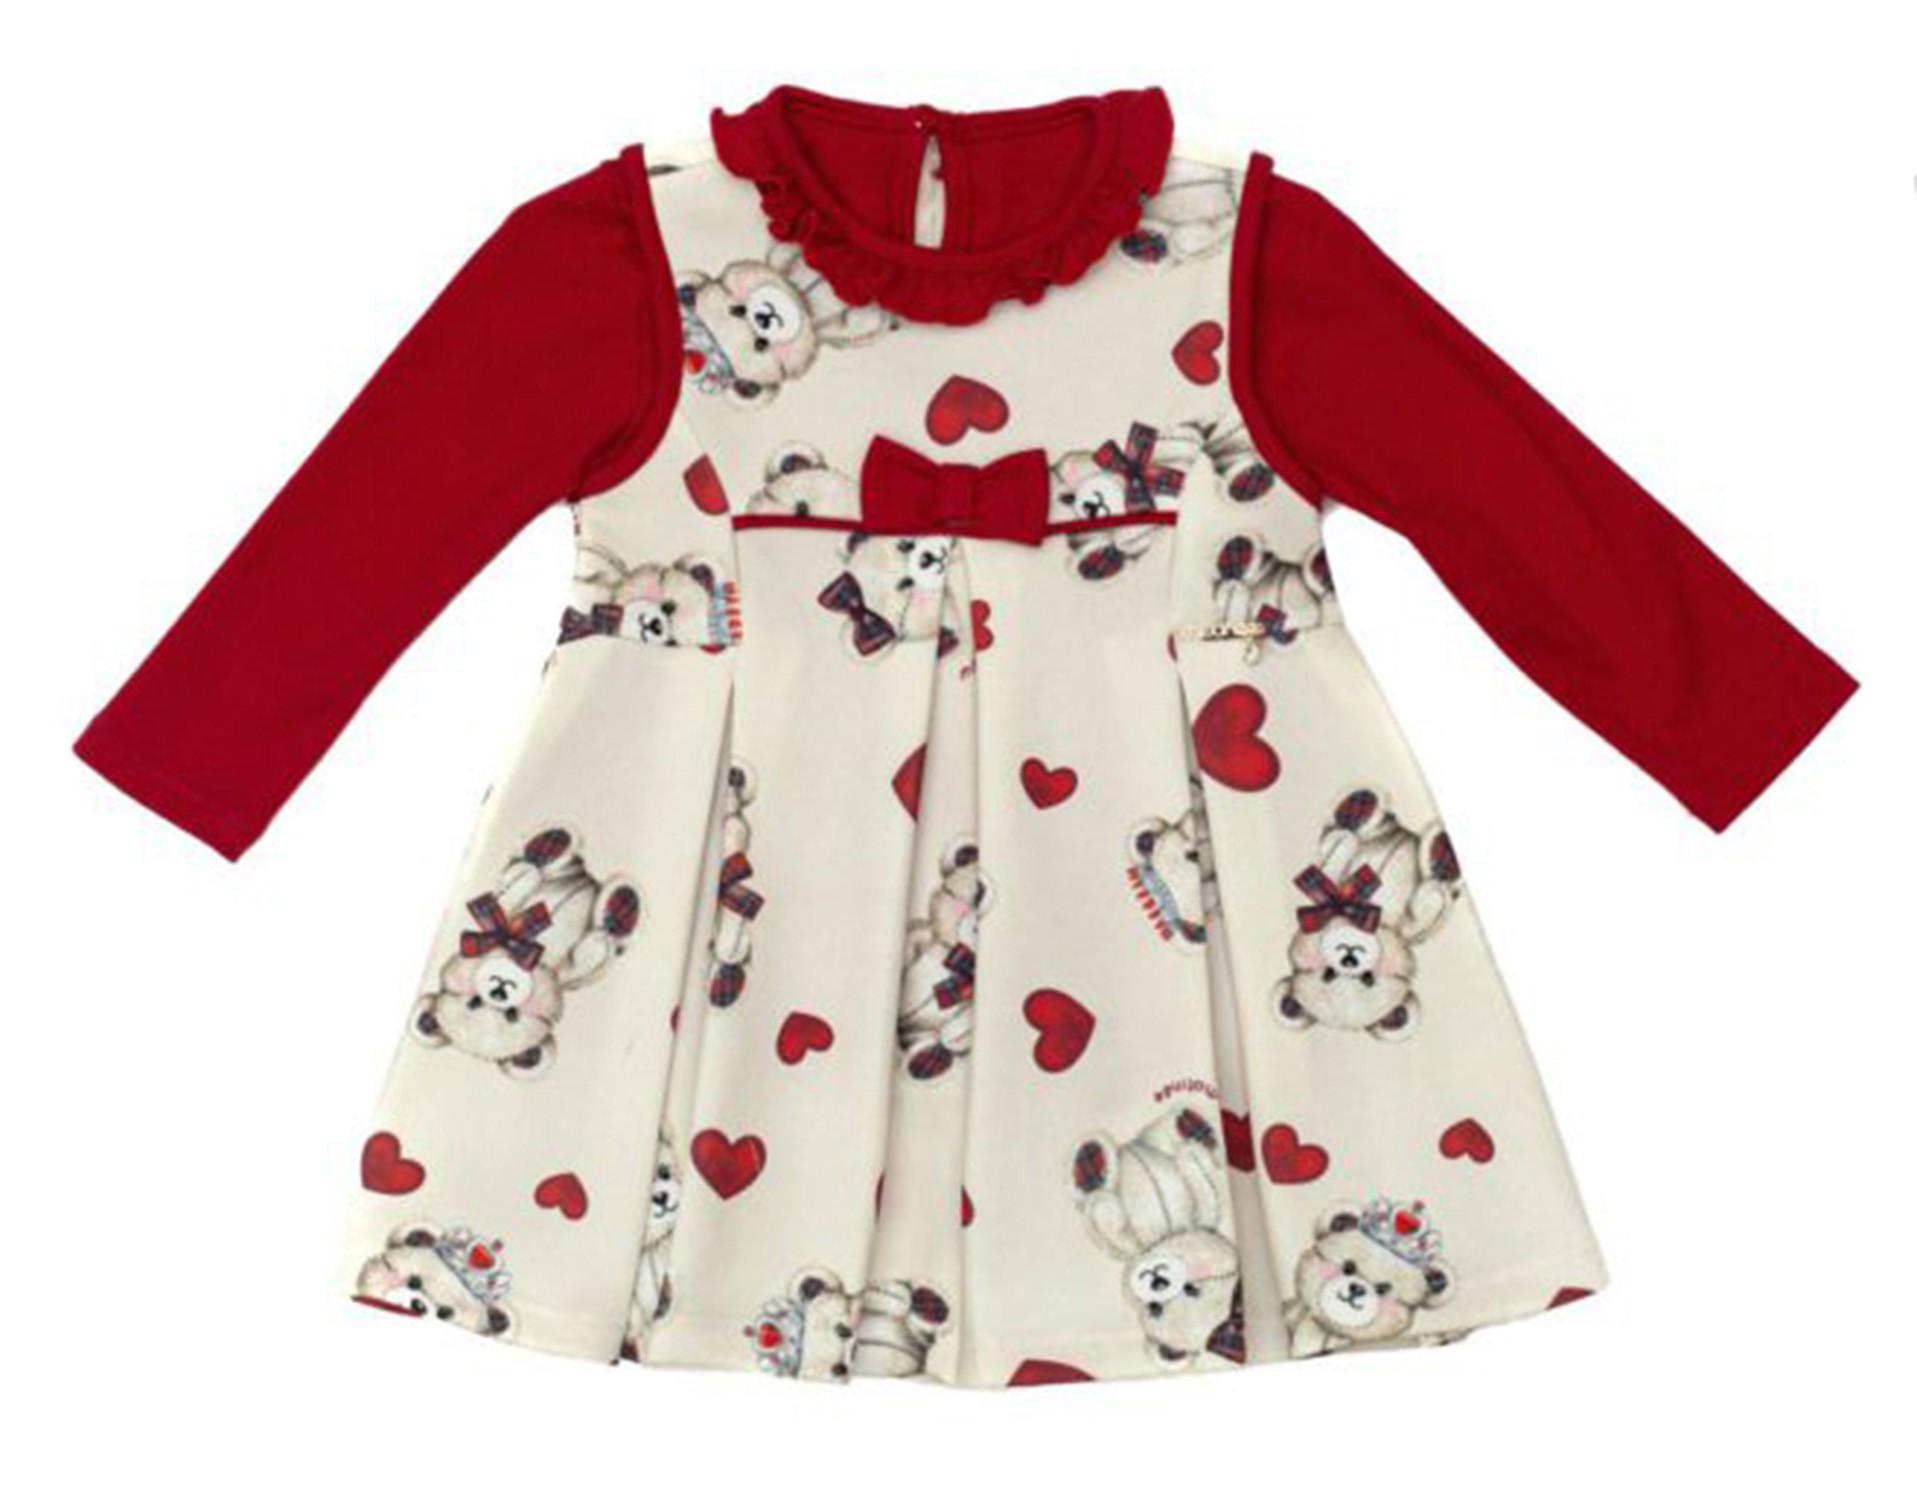 Vestido Festa Estampa Ursinhos e Corações Vermelhos Matinée